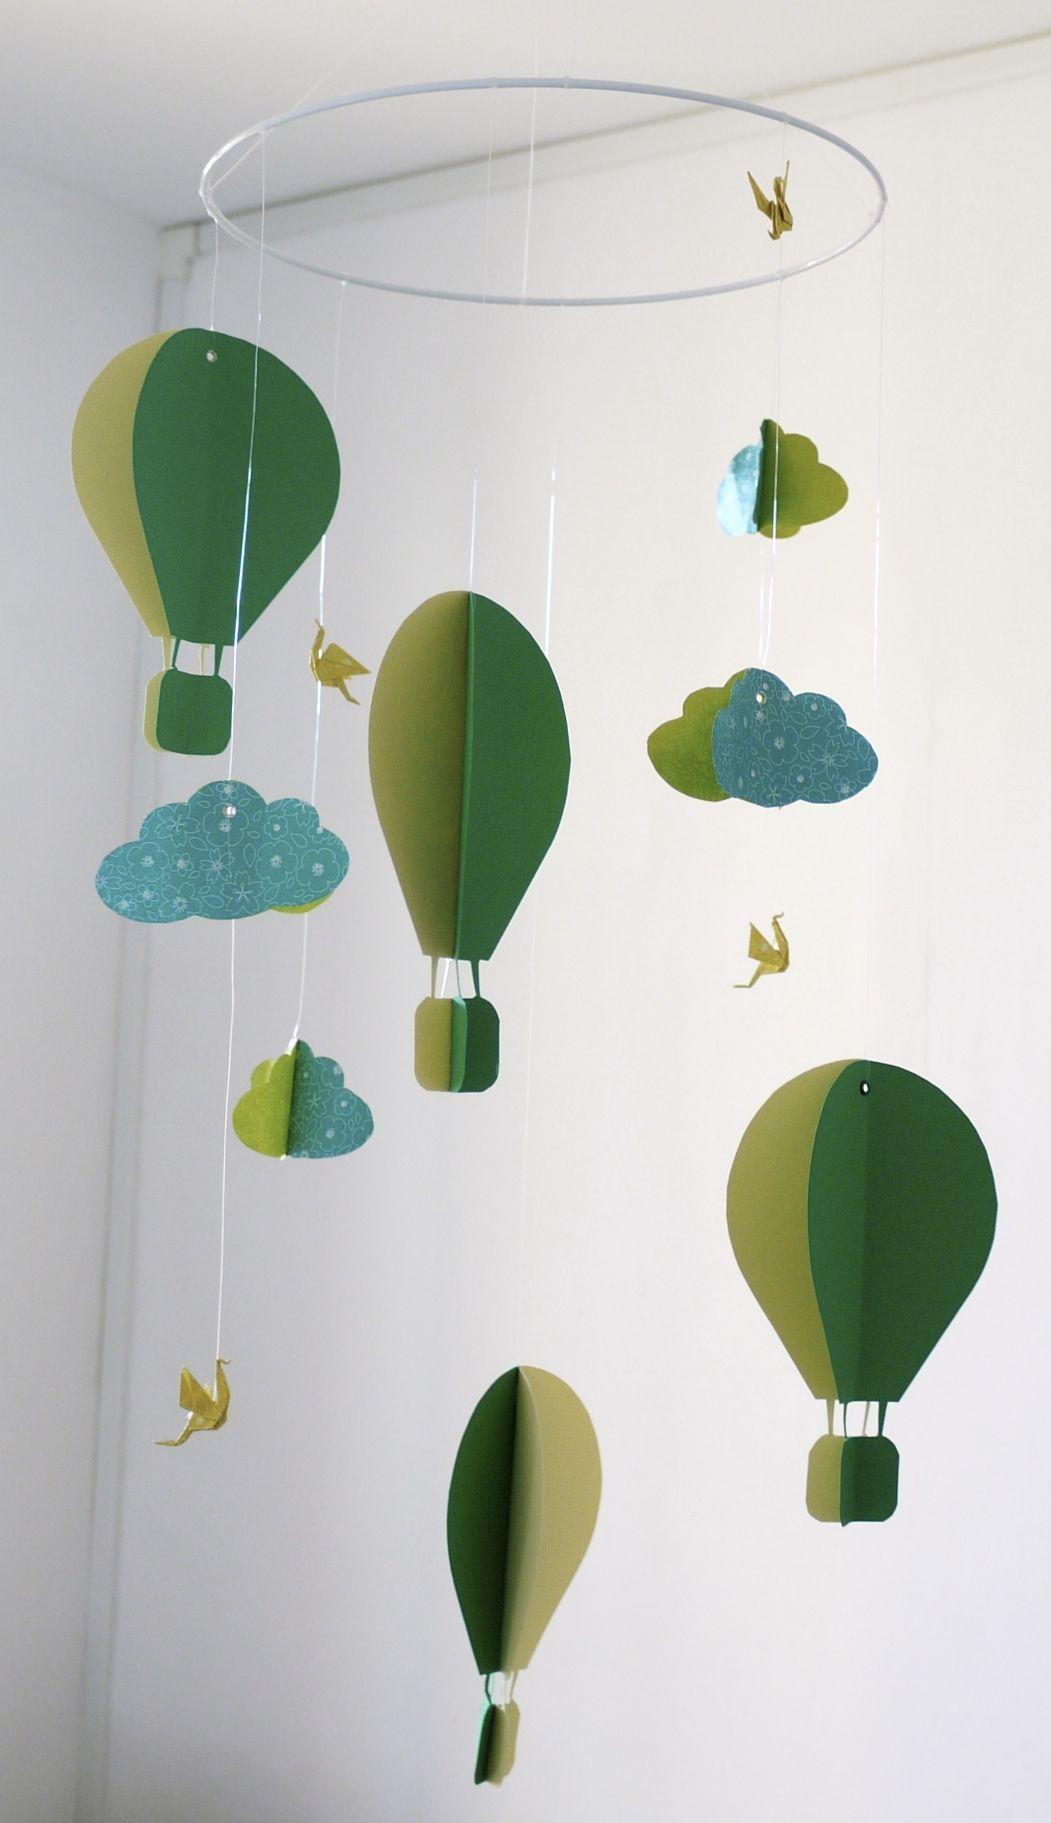 Mobile bébé origami papier suspension en spirale chambre bébé montgolfière oiseau nuage vert ...